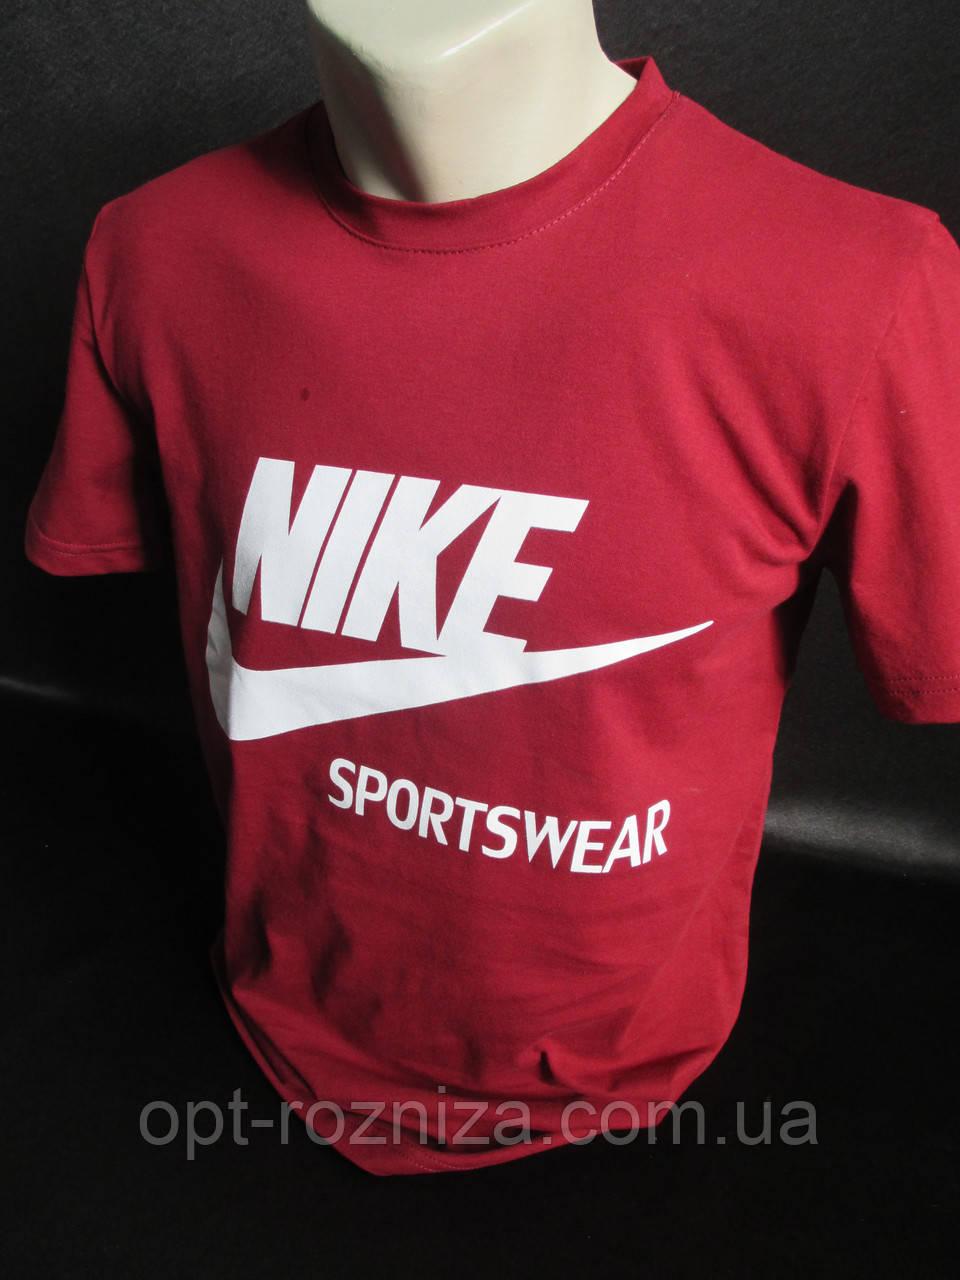 Мужские хлопковые футболки с коротким рукавом.